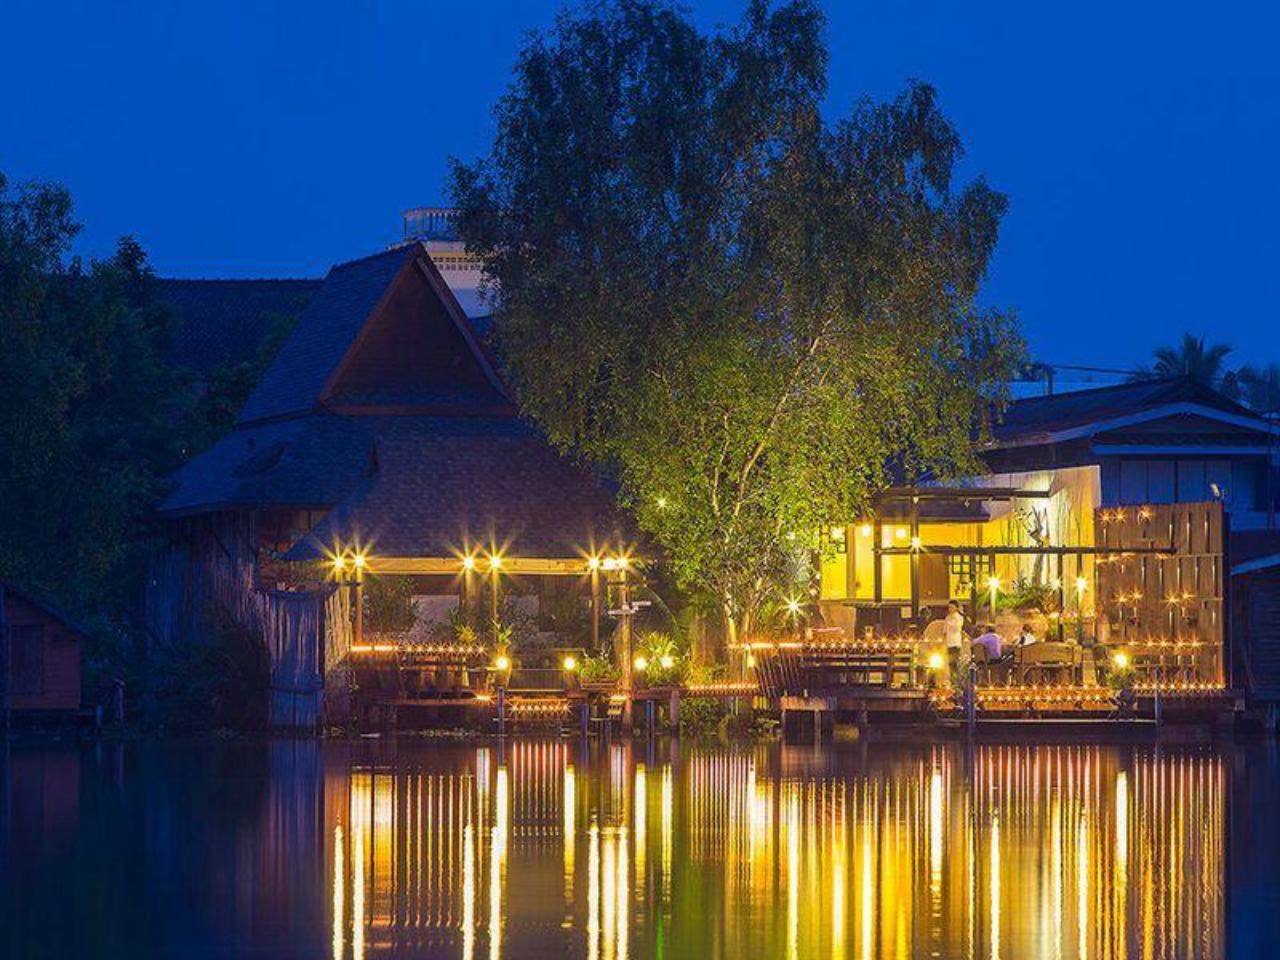 บ้านสวน แม่กลอง รีสอร์ต (Bannsuanmaeklong Resort)